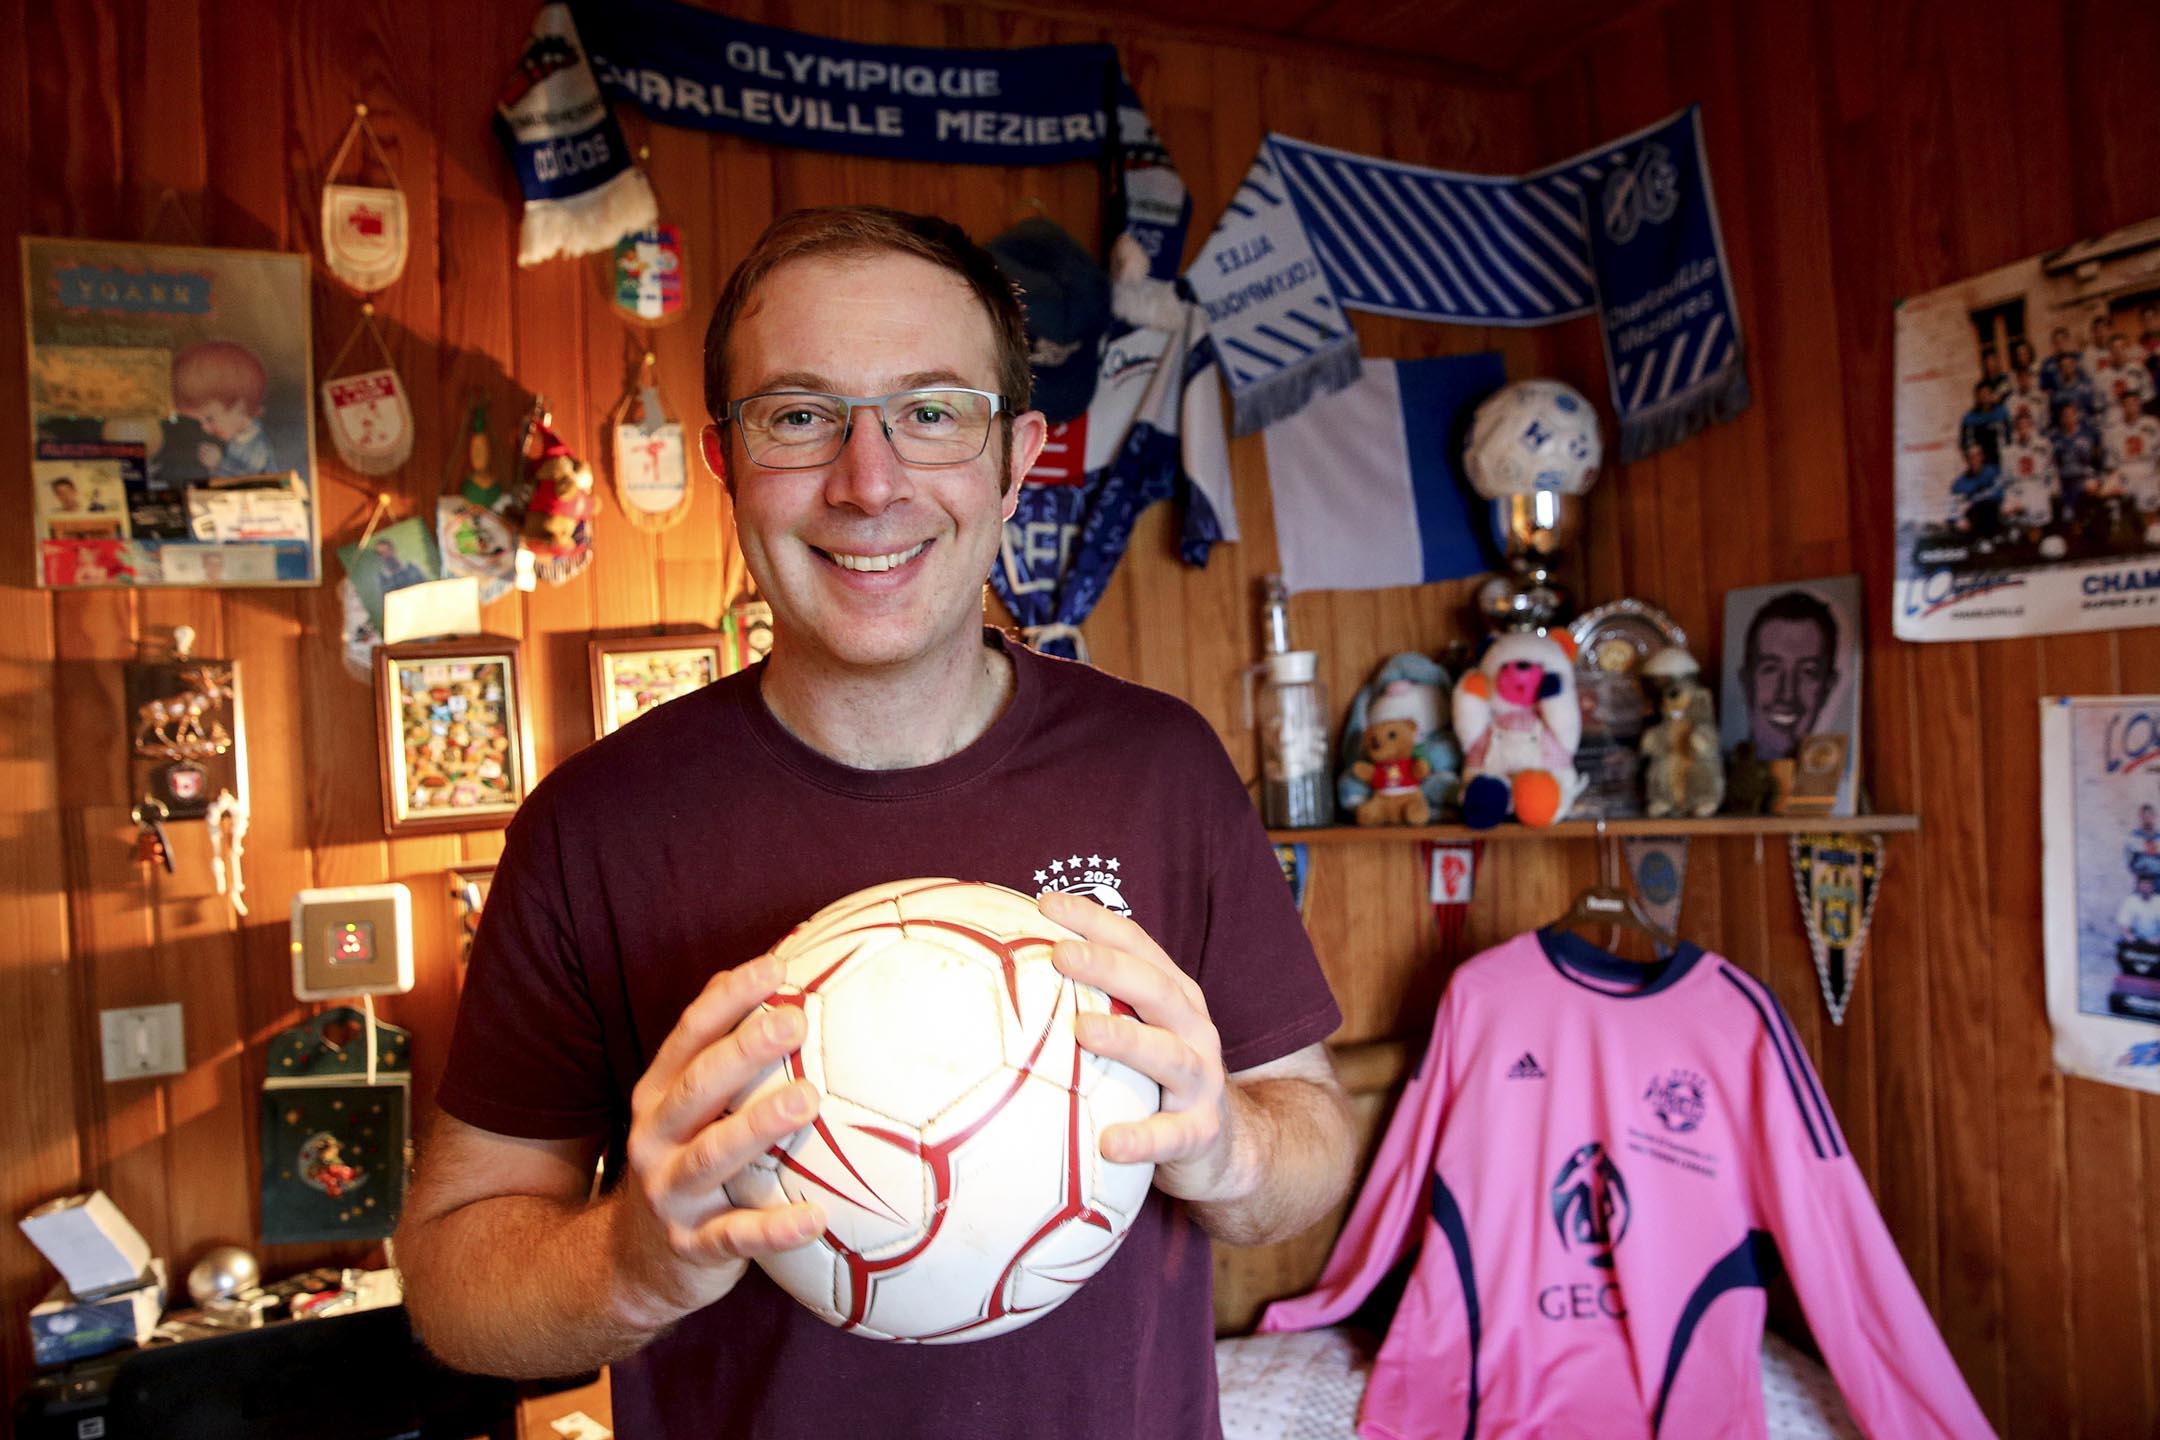 36歲的尤安·勒梅爾(Yoann Lemaire)是法國第一個出櫃的業餘球員,曾效力法國北部地區的一支省級業餘足球隊。2018年俄羅斯世界盃開幕時,勒梅爾把一部題為《同志亦愛足球,兩者不相矛盾》 的紀錄片帶到了公眾視野之中。意在打破綠蔭場上的同性戀禁忌。 攝:Francols Nascimbeni/AFP/Getty Images